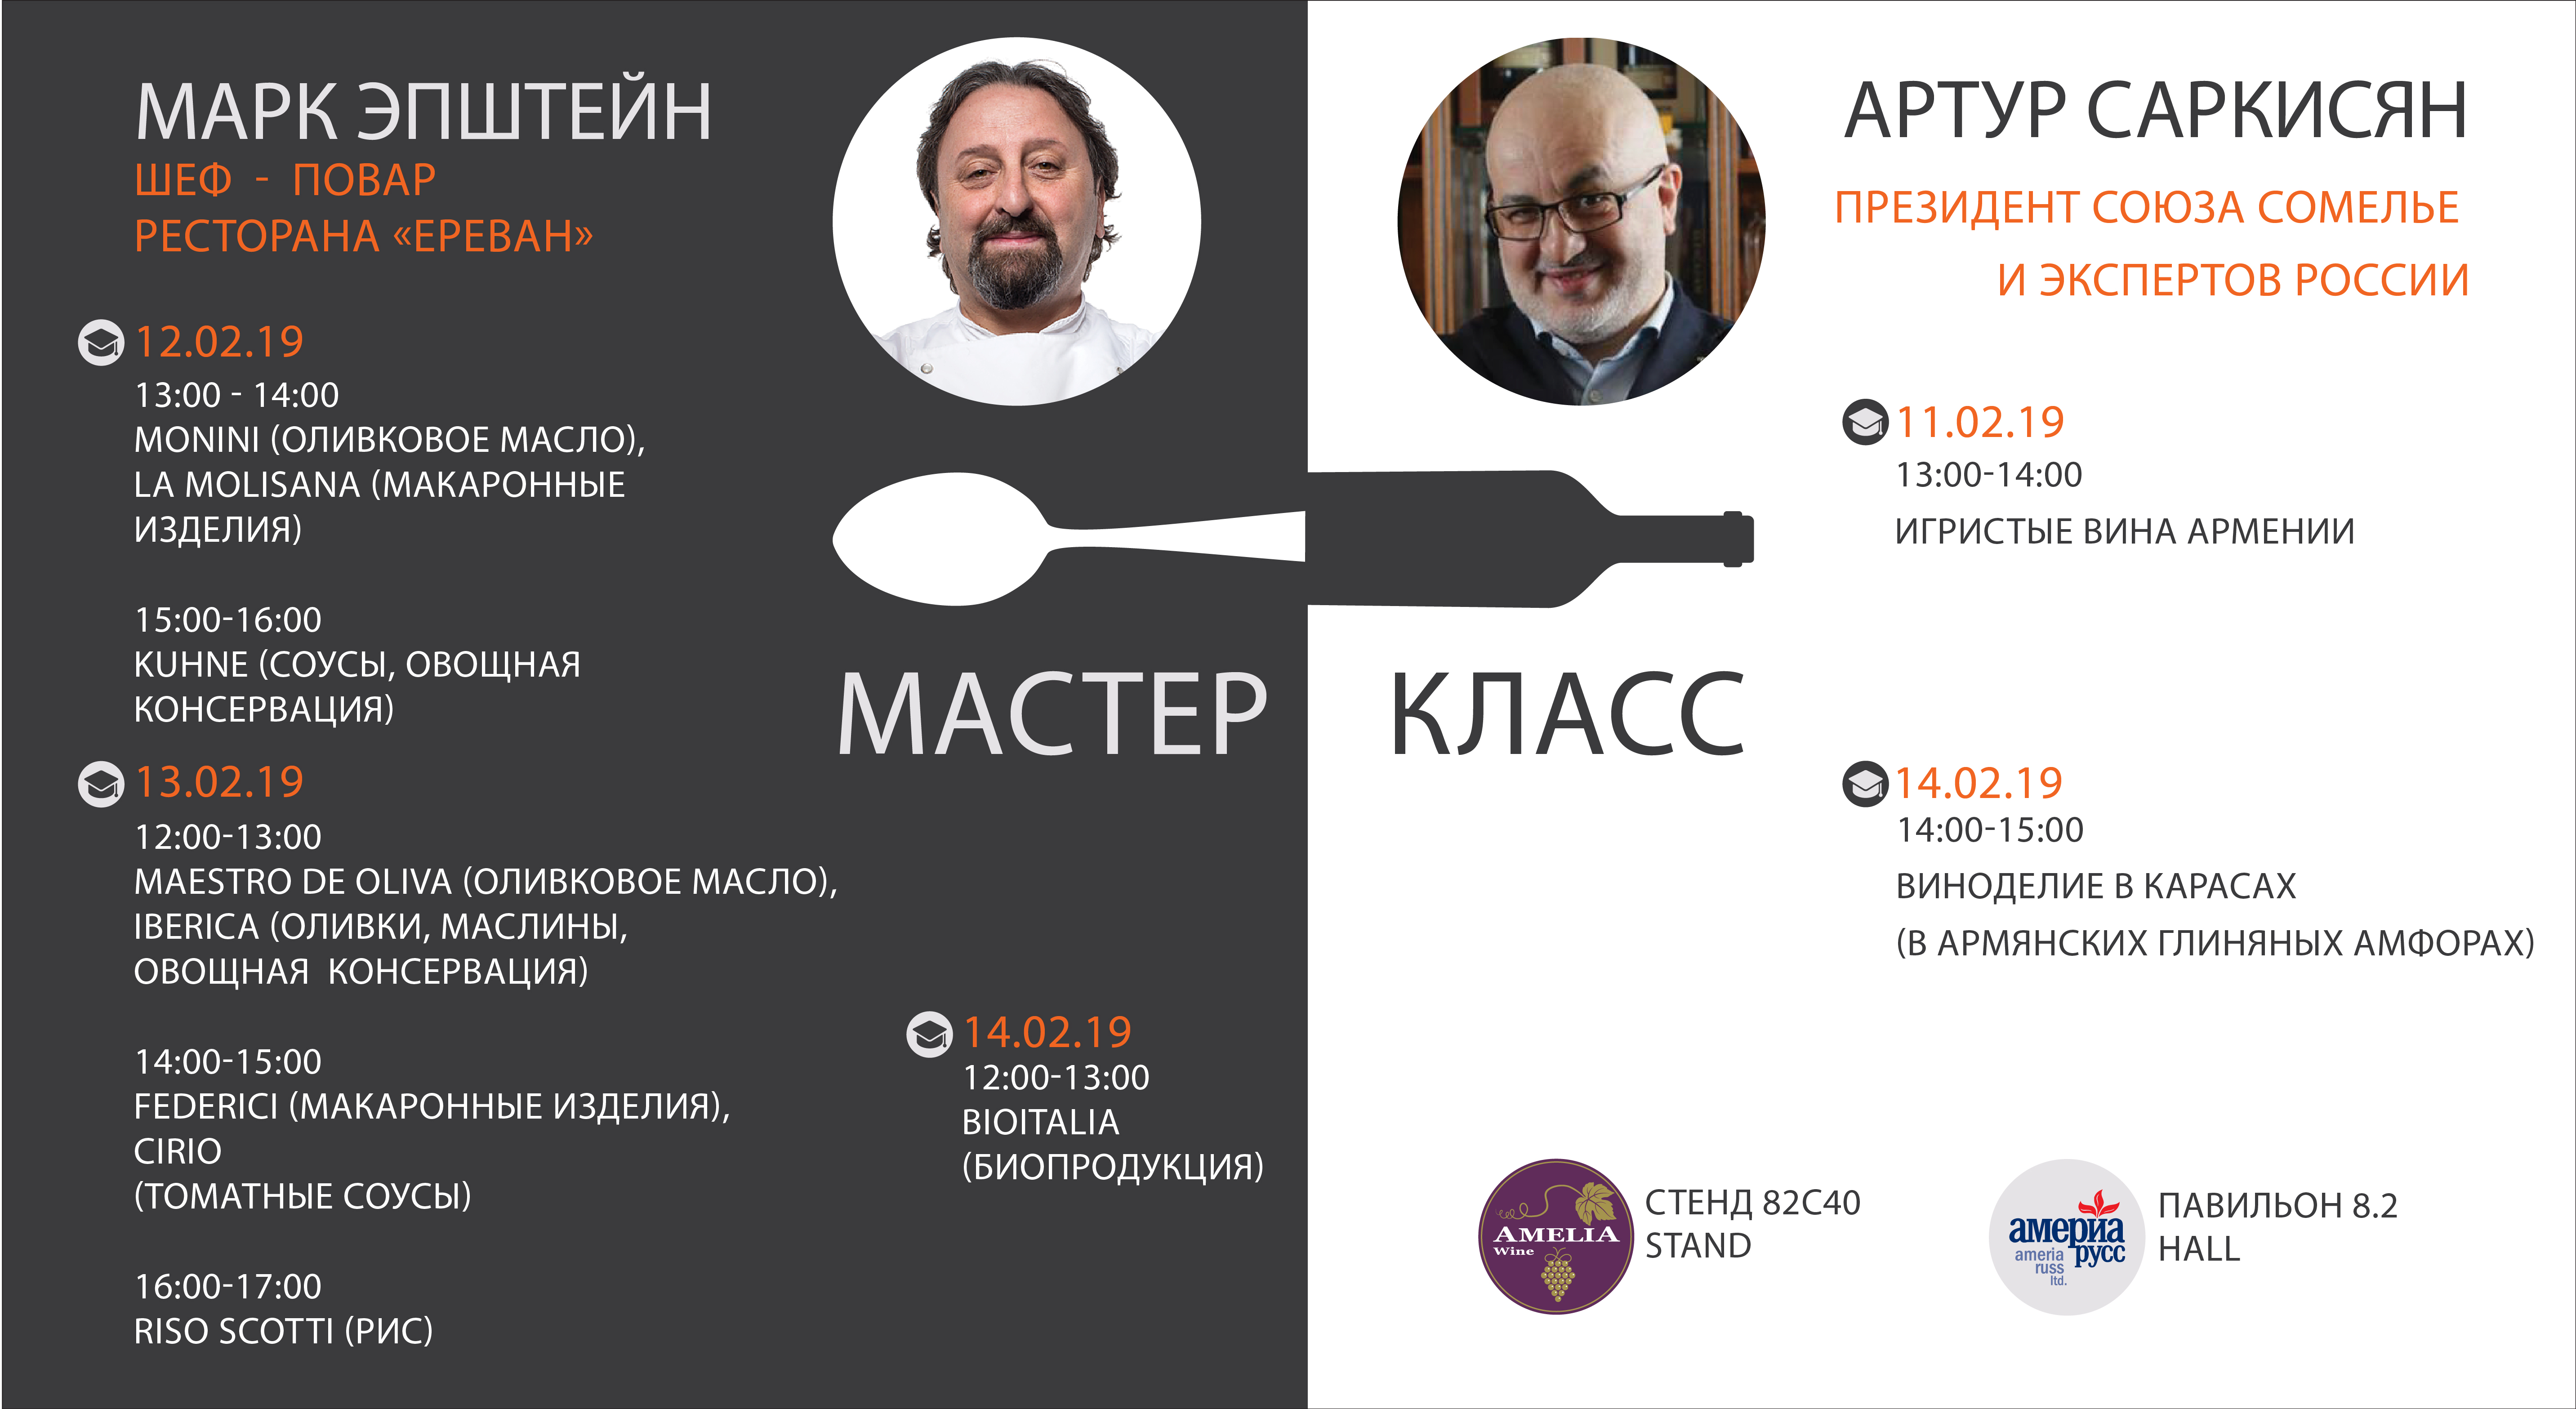 Master class website